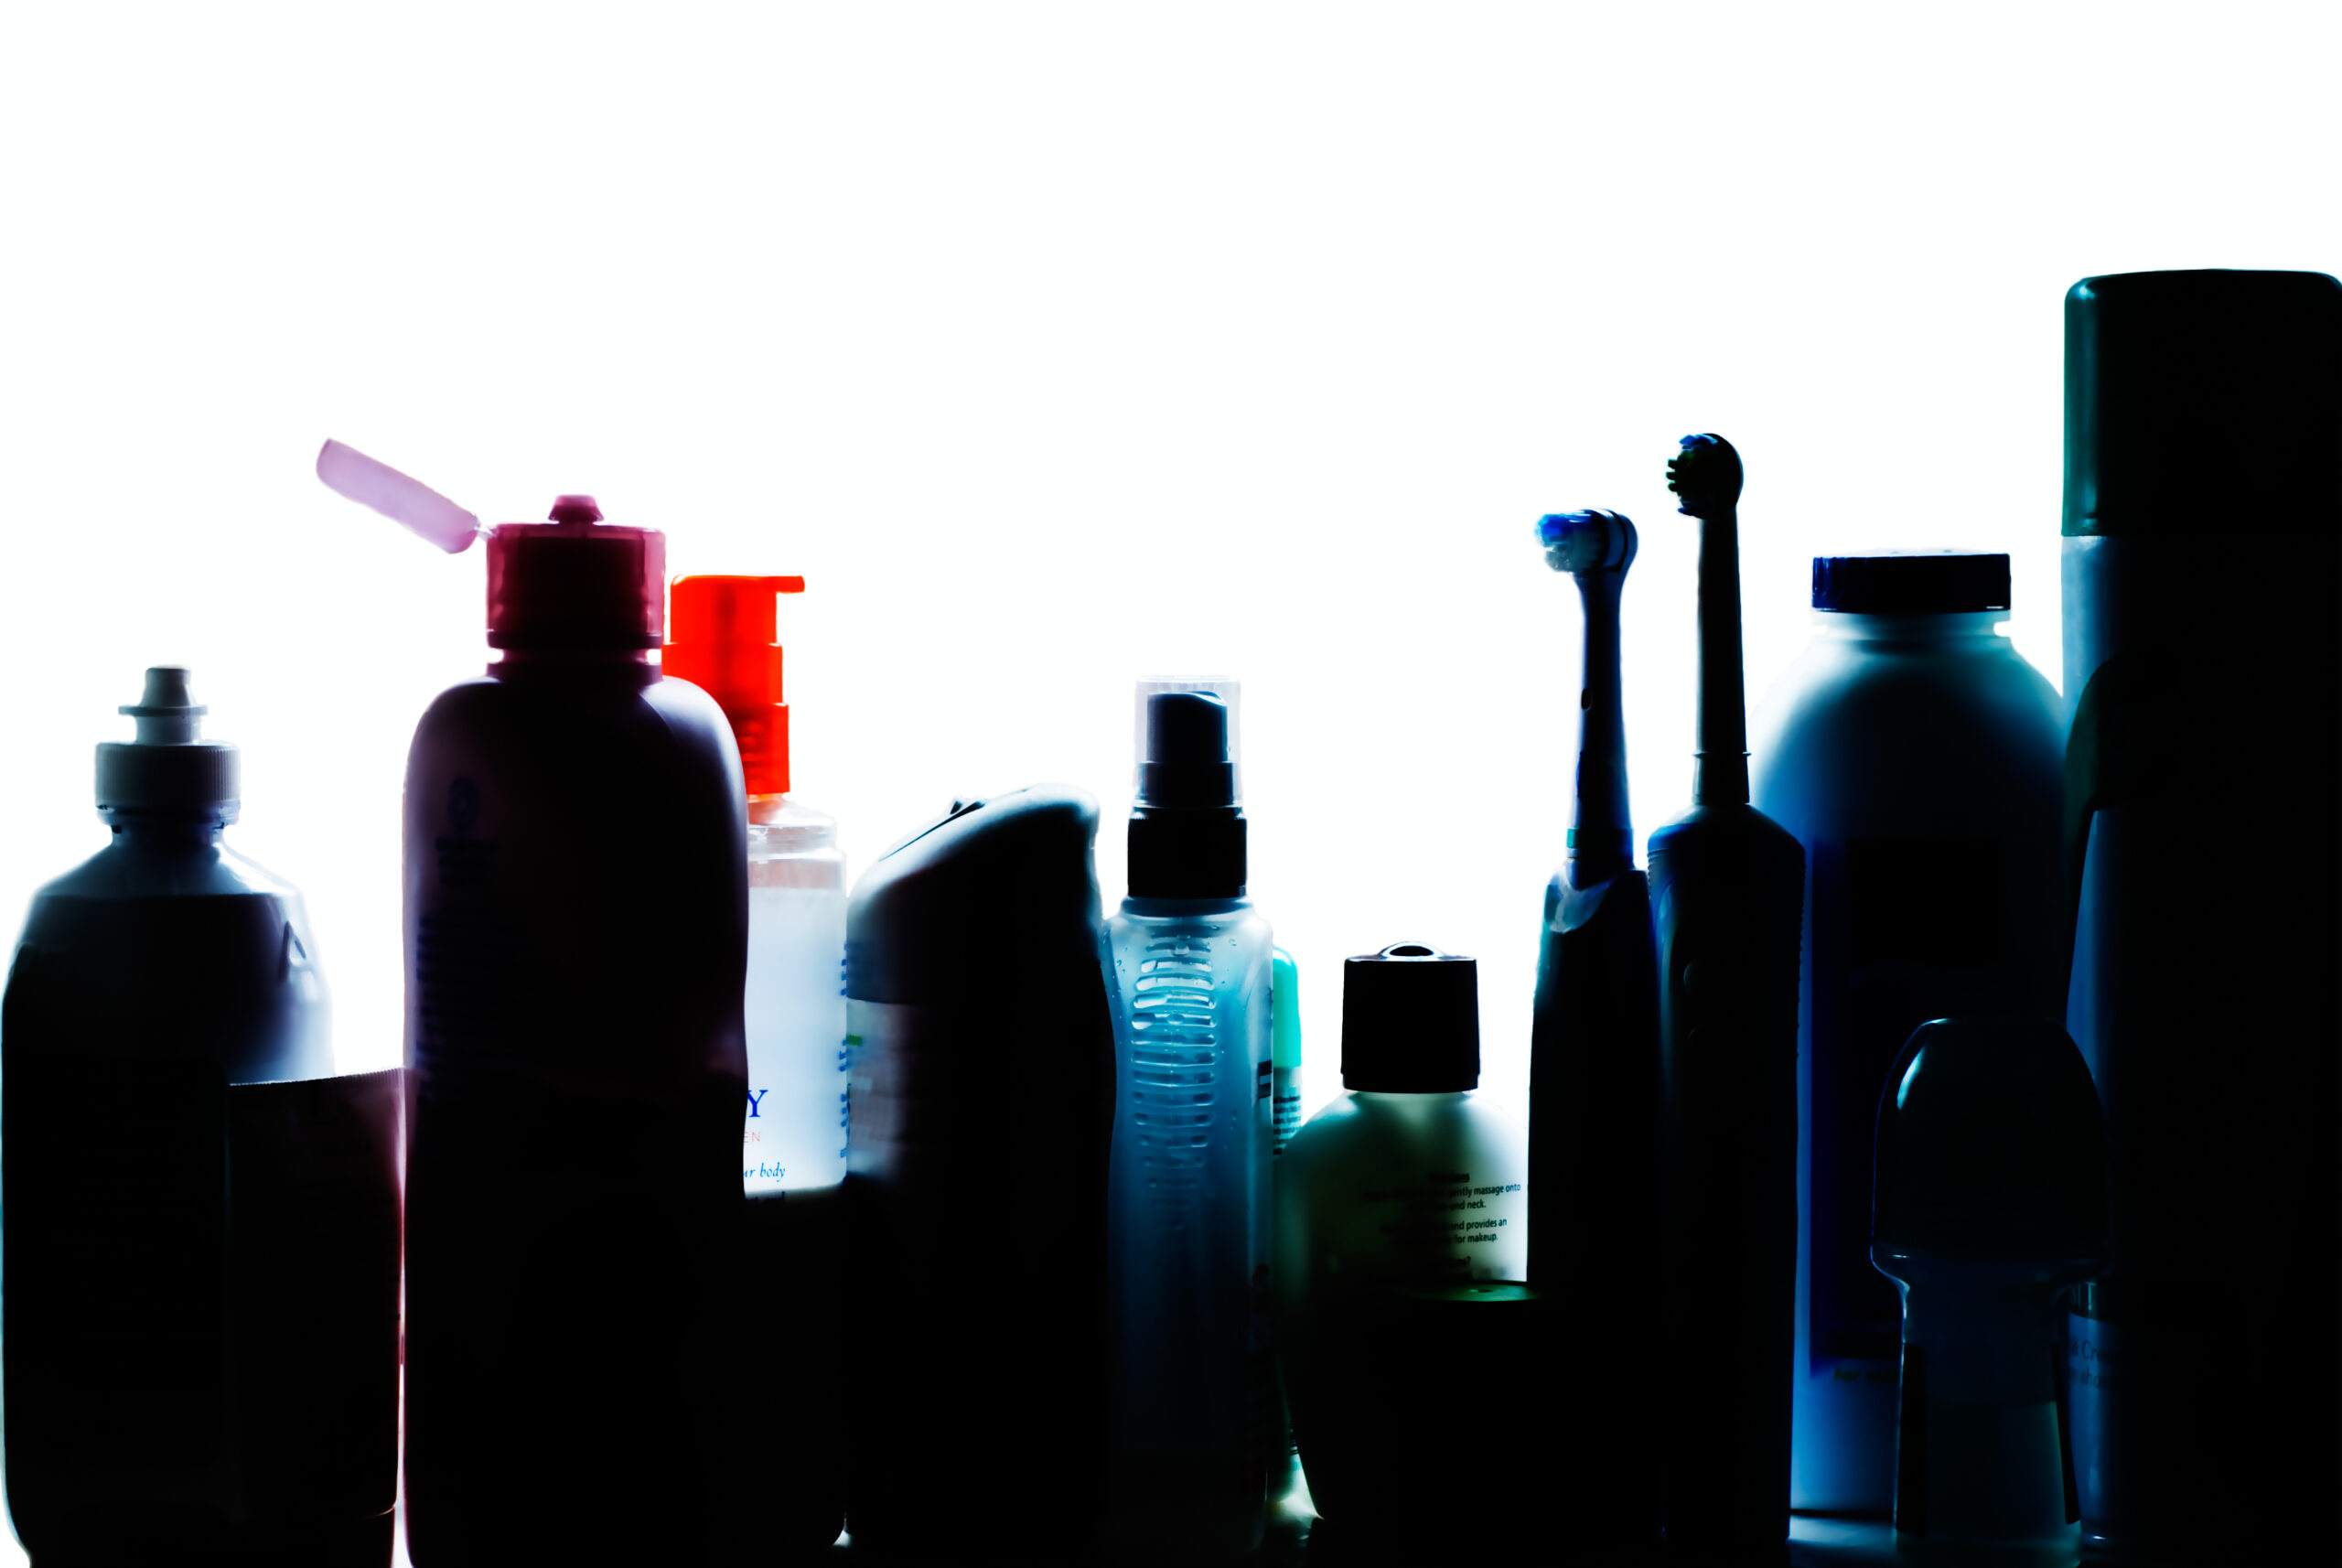 Siluett av hygienprodukter i ett badrumsskåp